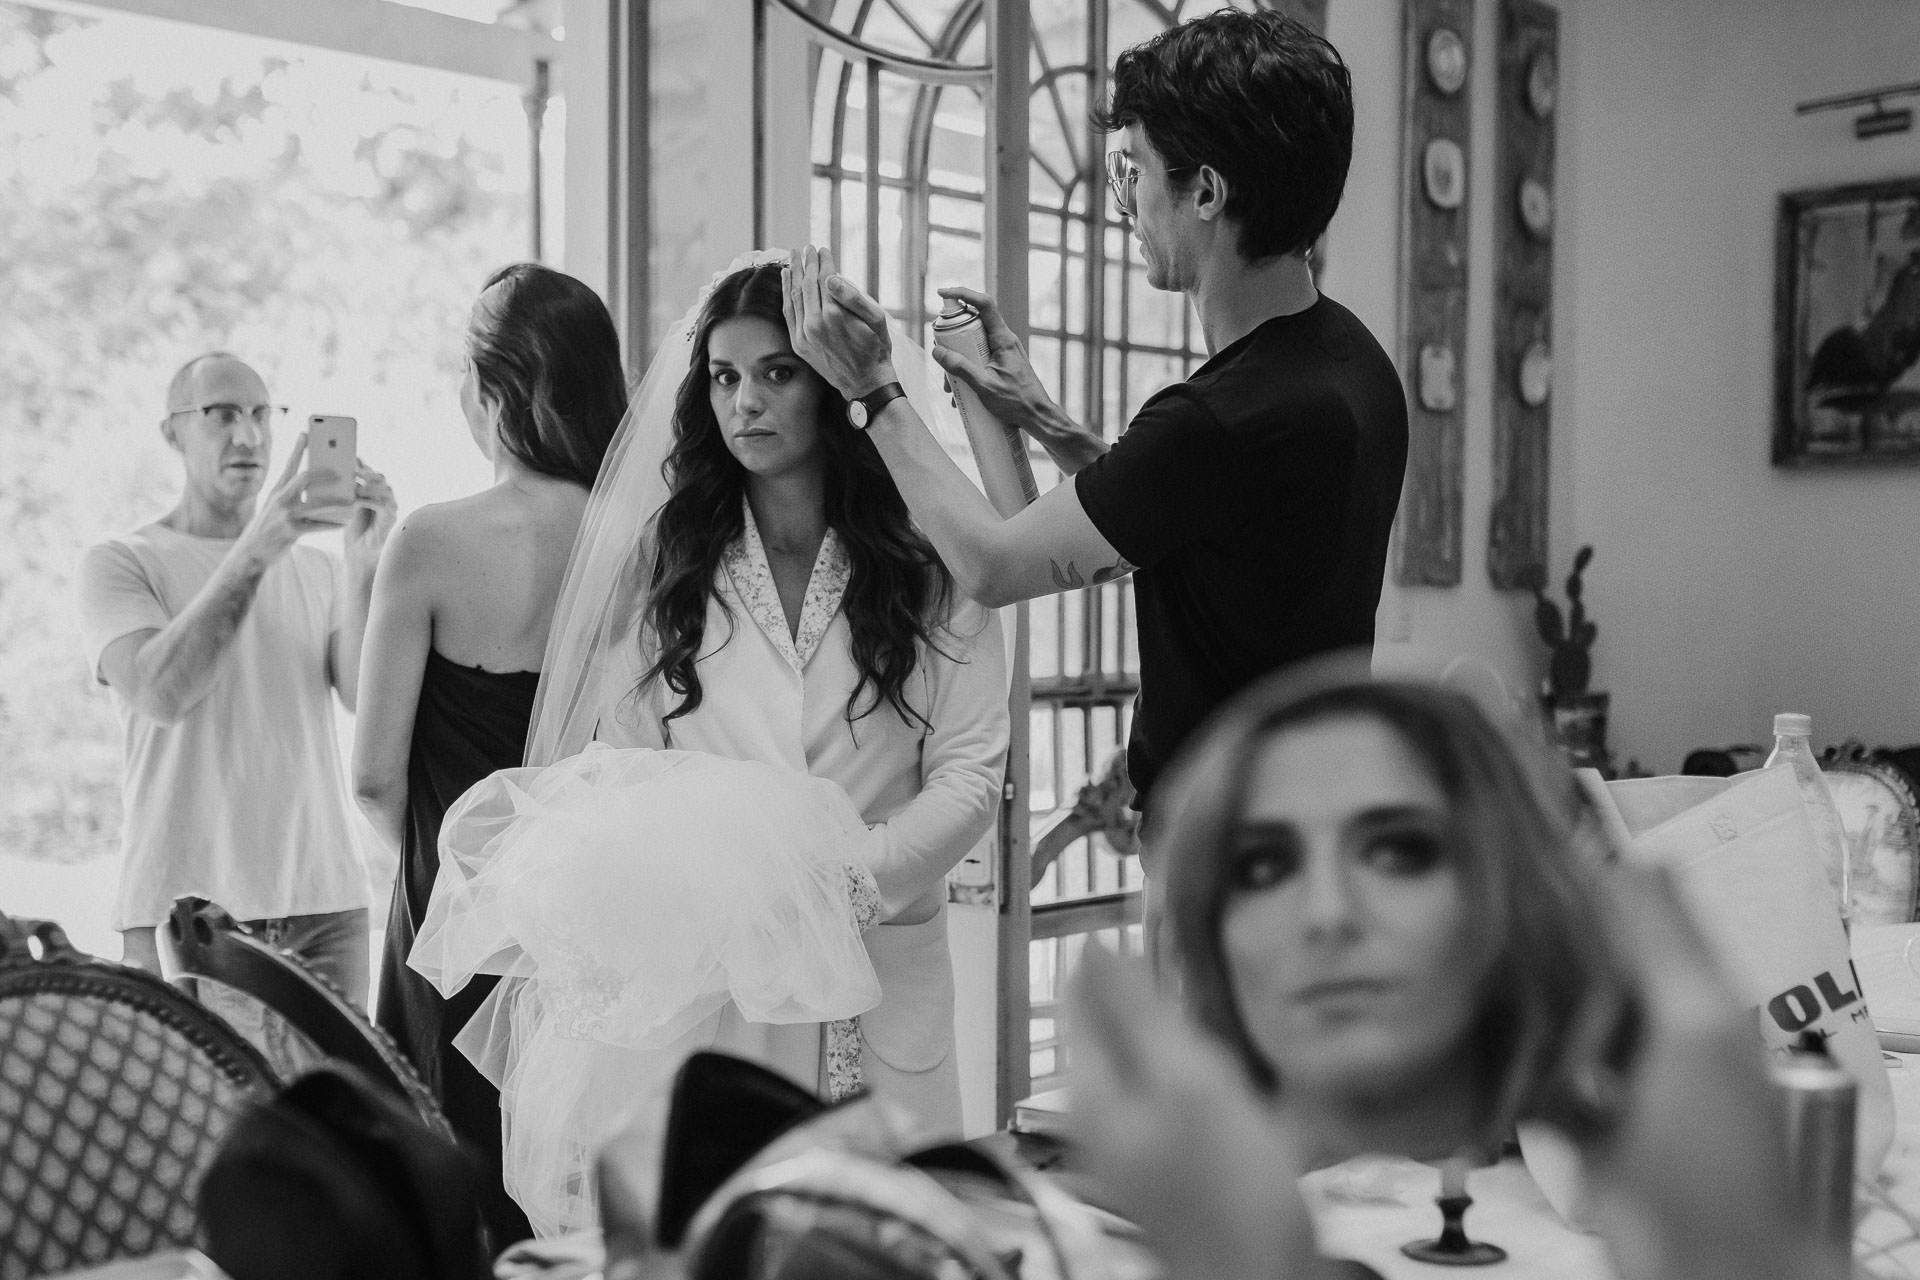 Boda en Campolobos, fotógrafo de bodas, Norman Parunov